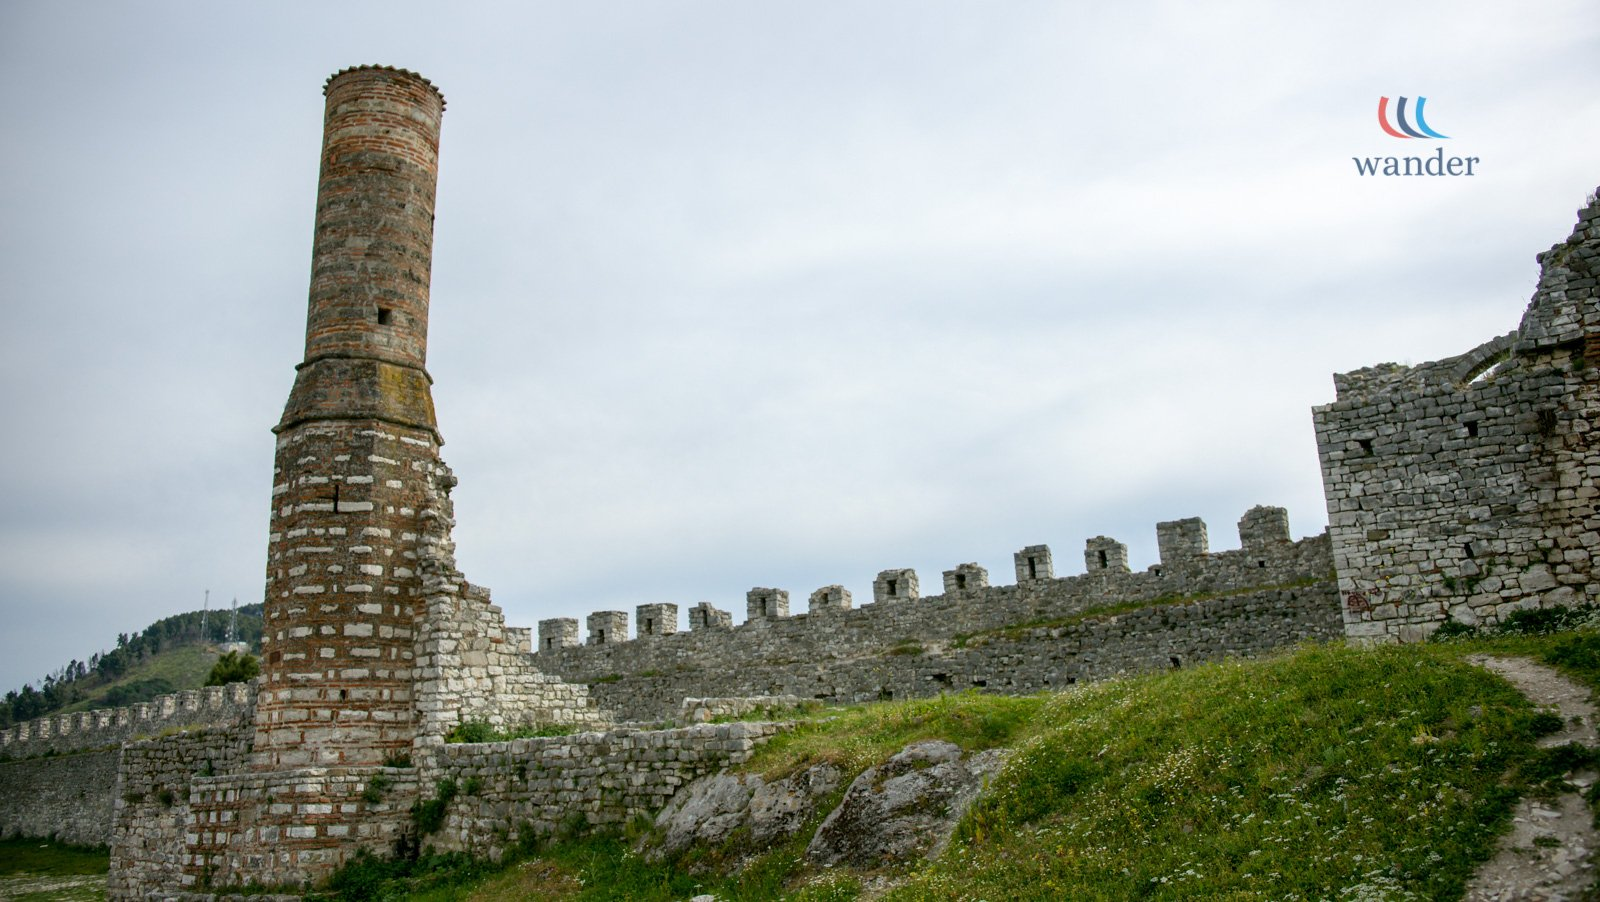 Berat - Wander - Esplora l'Albania attraverso i nostri Tours